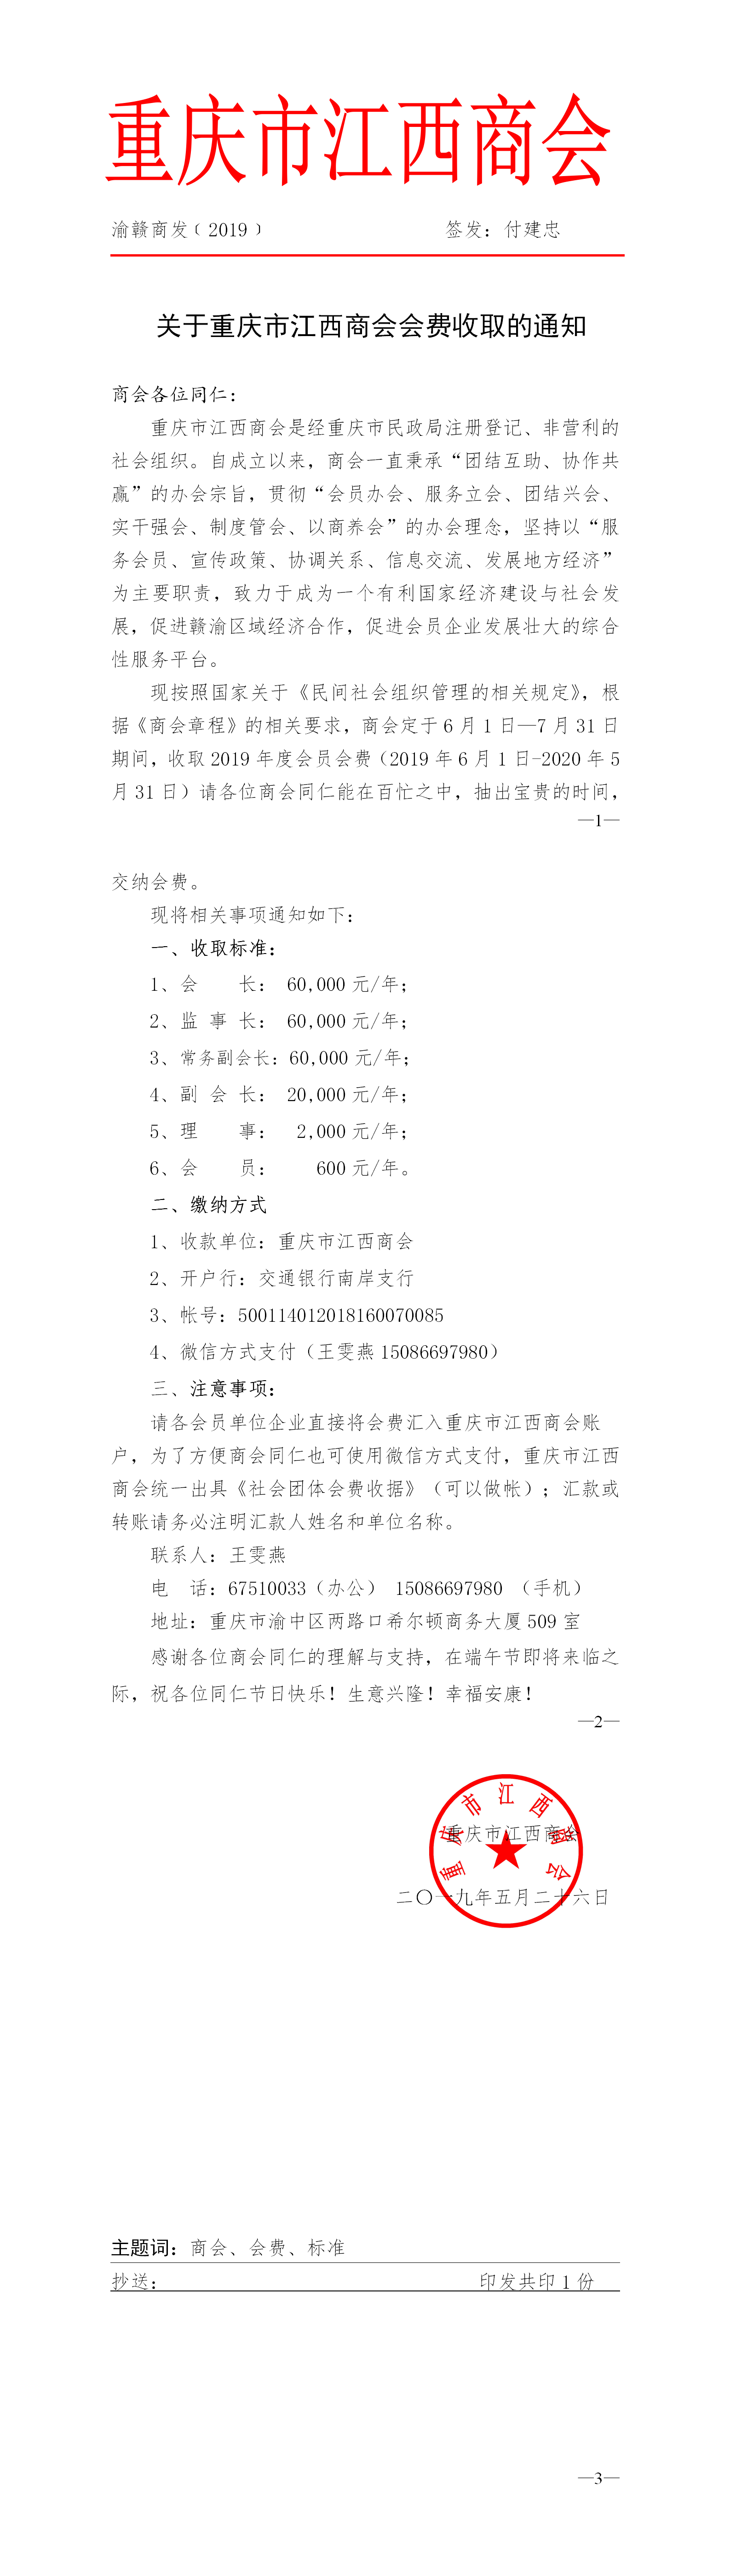 博天堂918市江西博天堂官网会费收取通知(2020年)(1).png